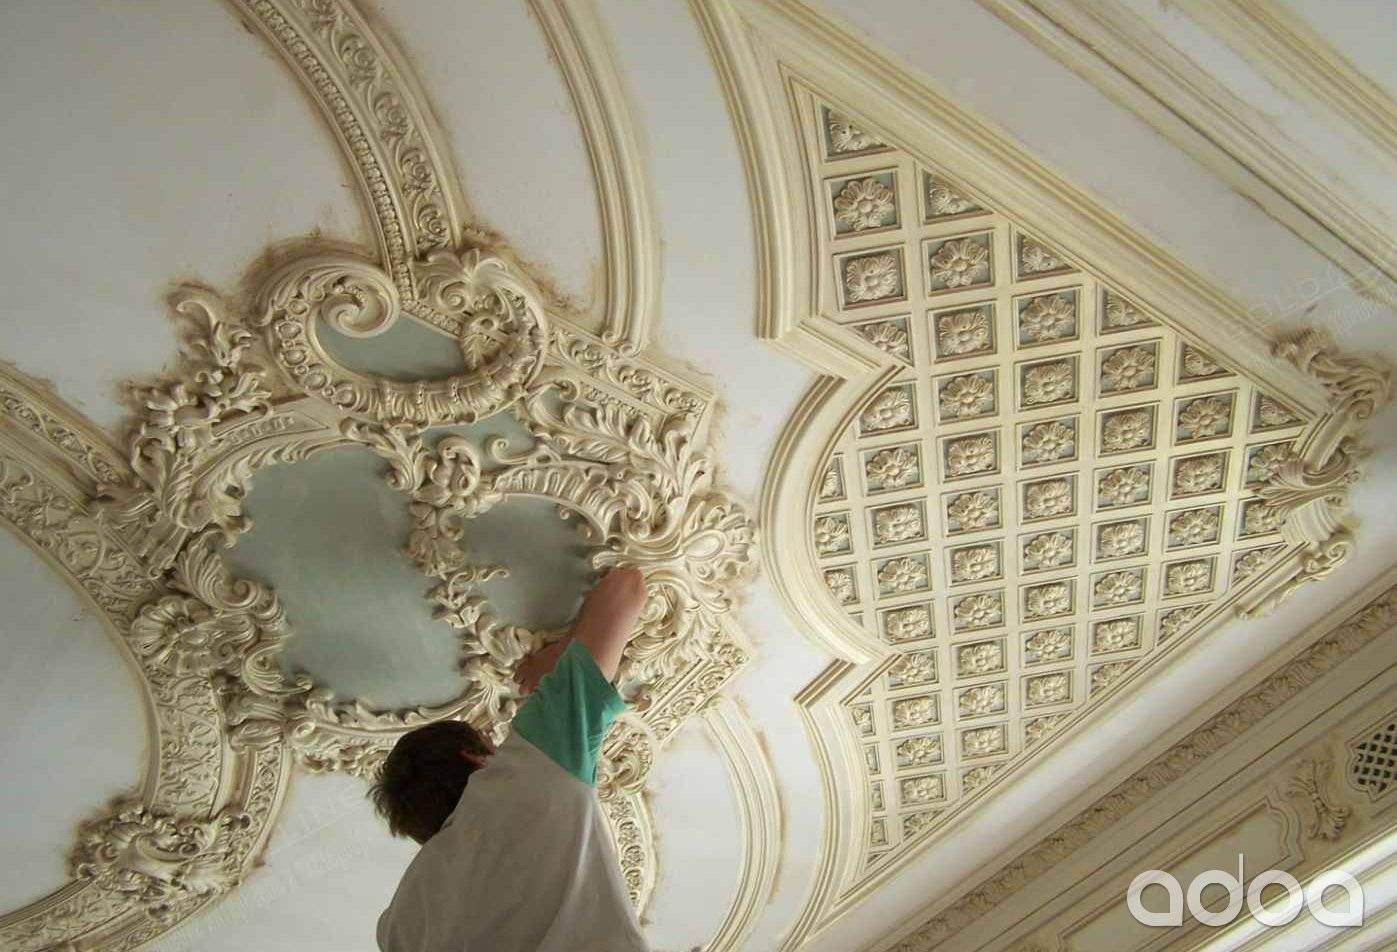 Лепнина из гипса (72 фото): делаем своими руками в домашних условиях, формы для лепного декора стен, монтаж и примеры в интерьере